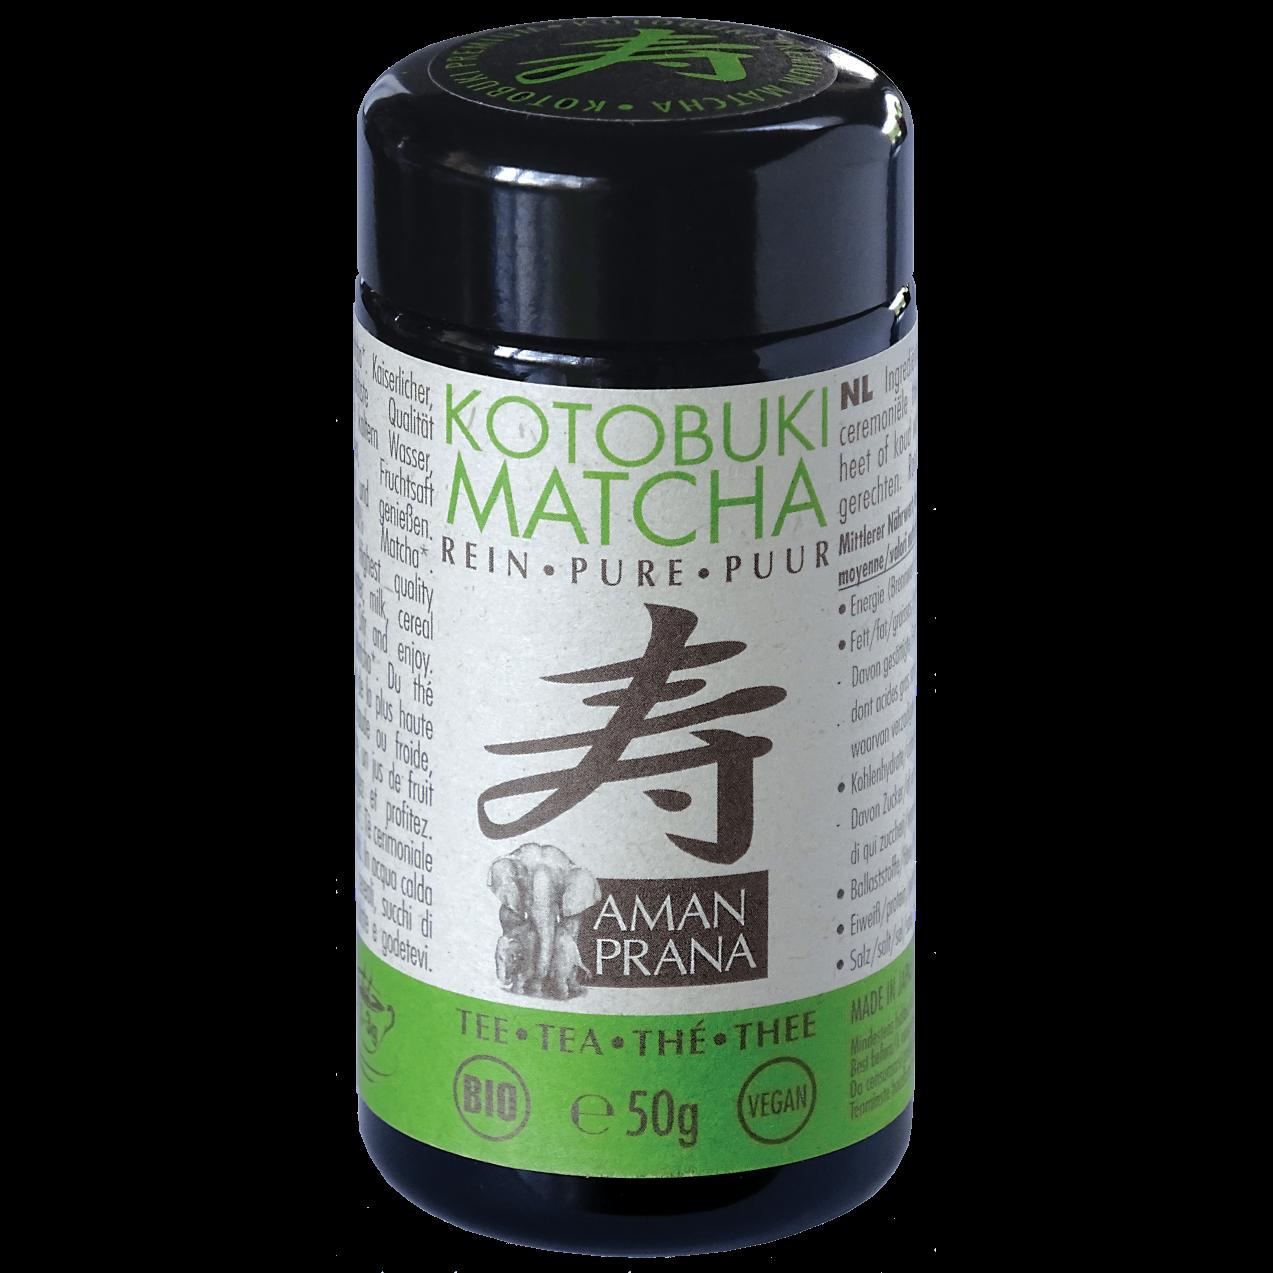 Emballage en verre foncé du Kotobuki Matcha d'Amanprana